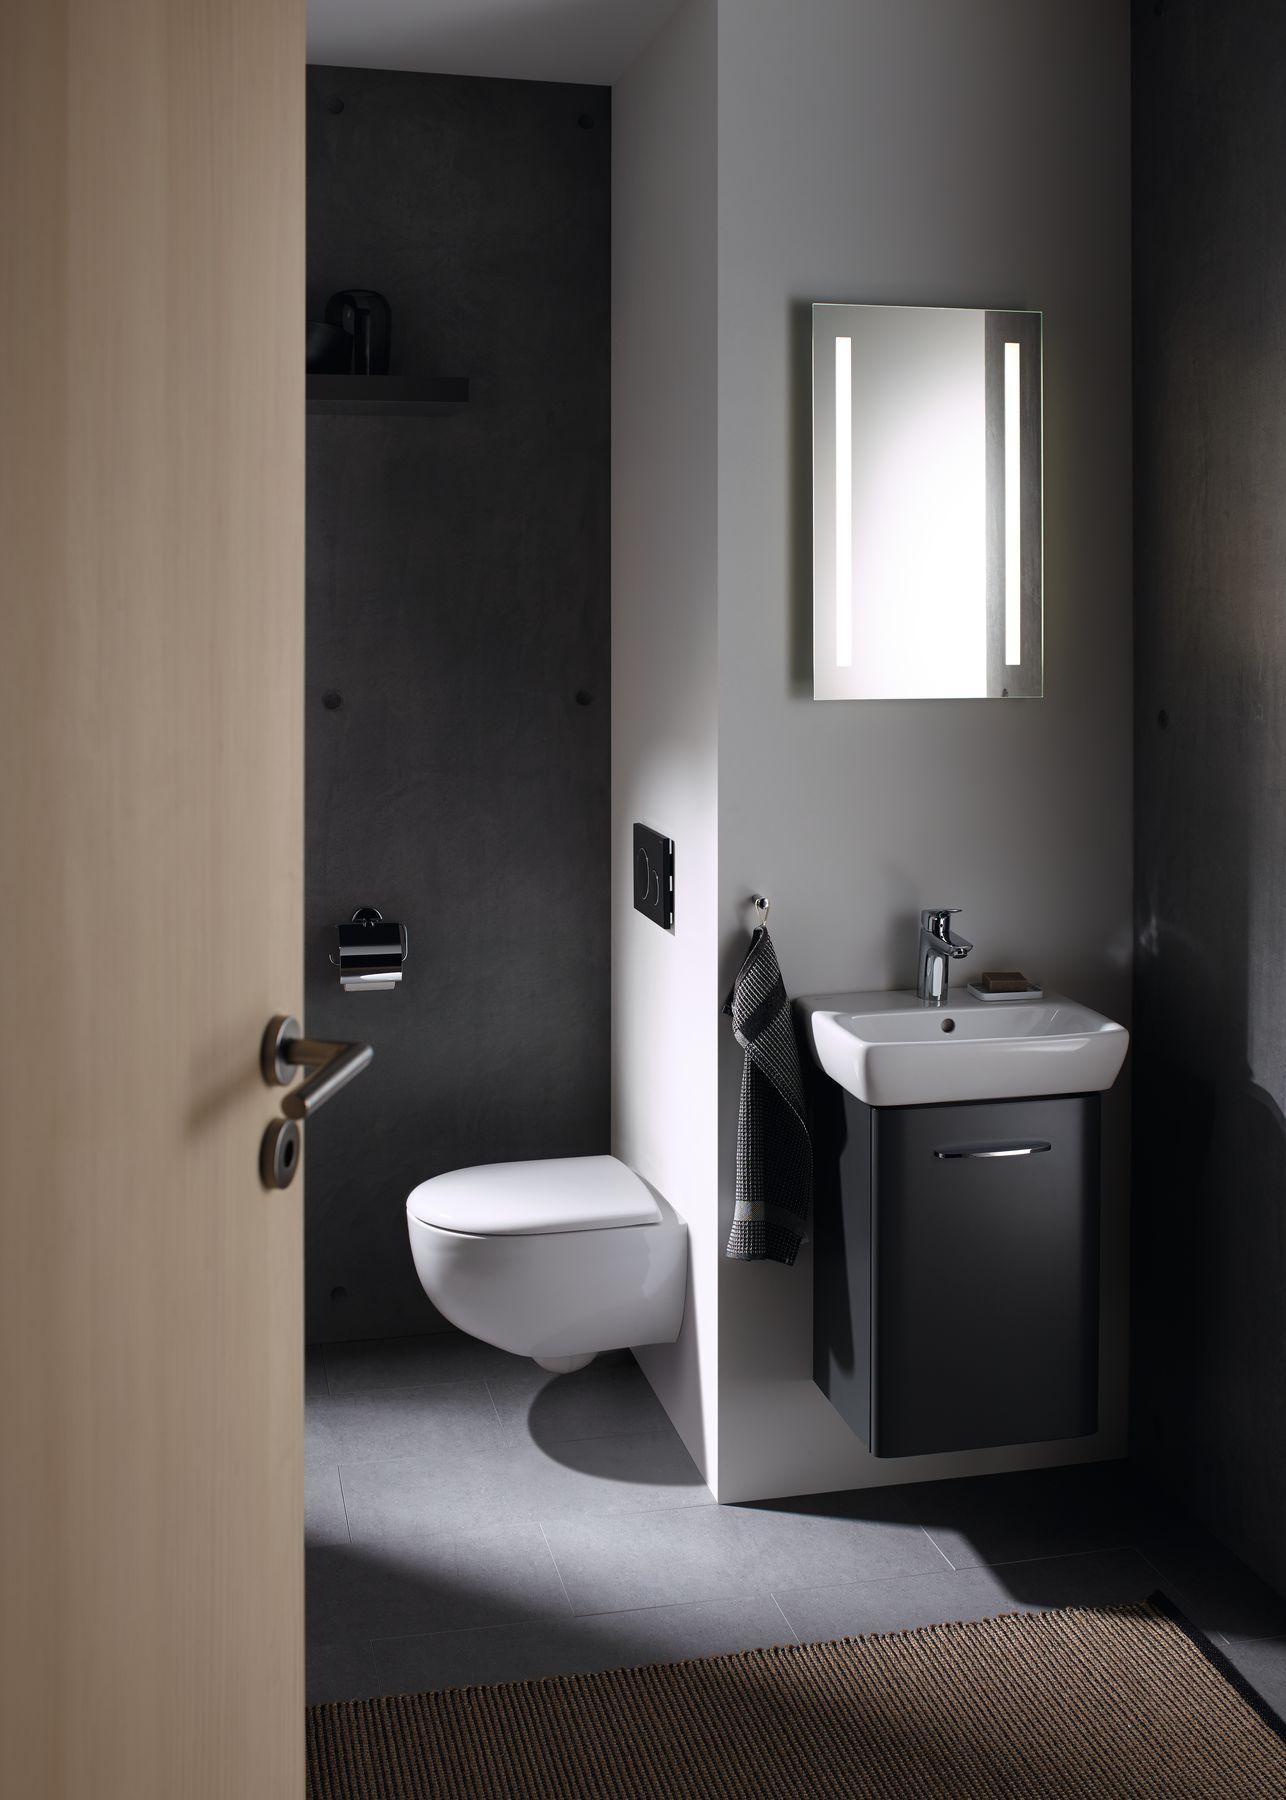 Špeciálny rad kúpeľňového nábytku Geberit Selnova Compact určený do malých kúpeľní